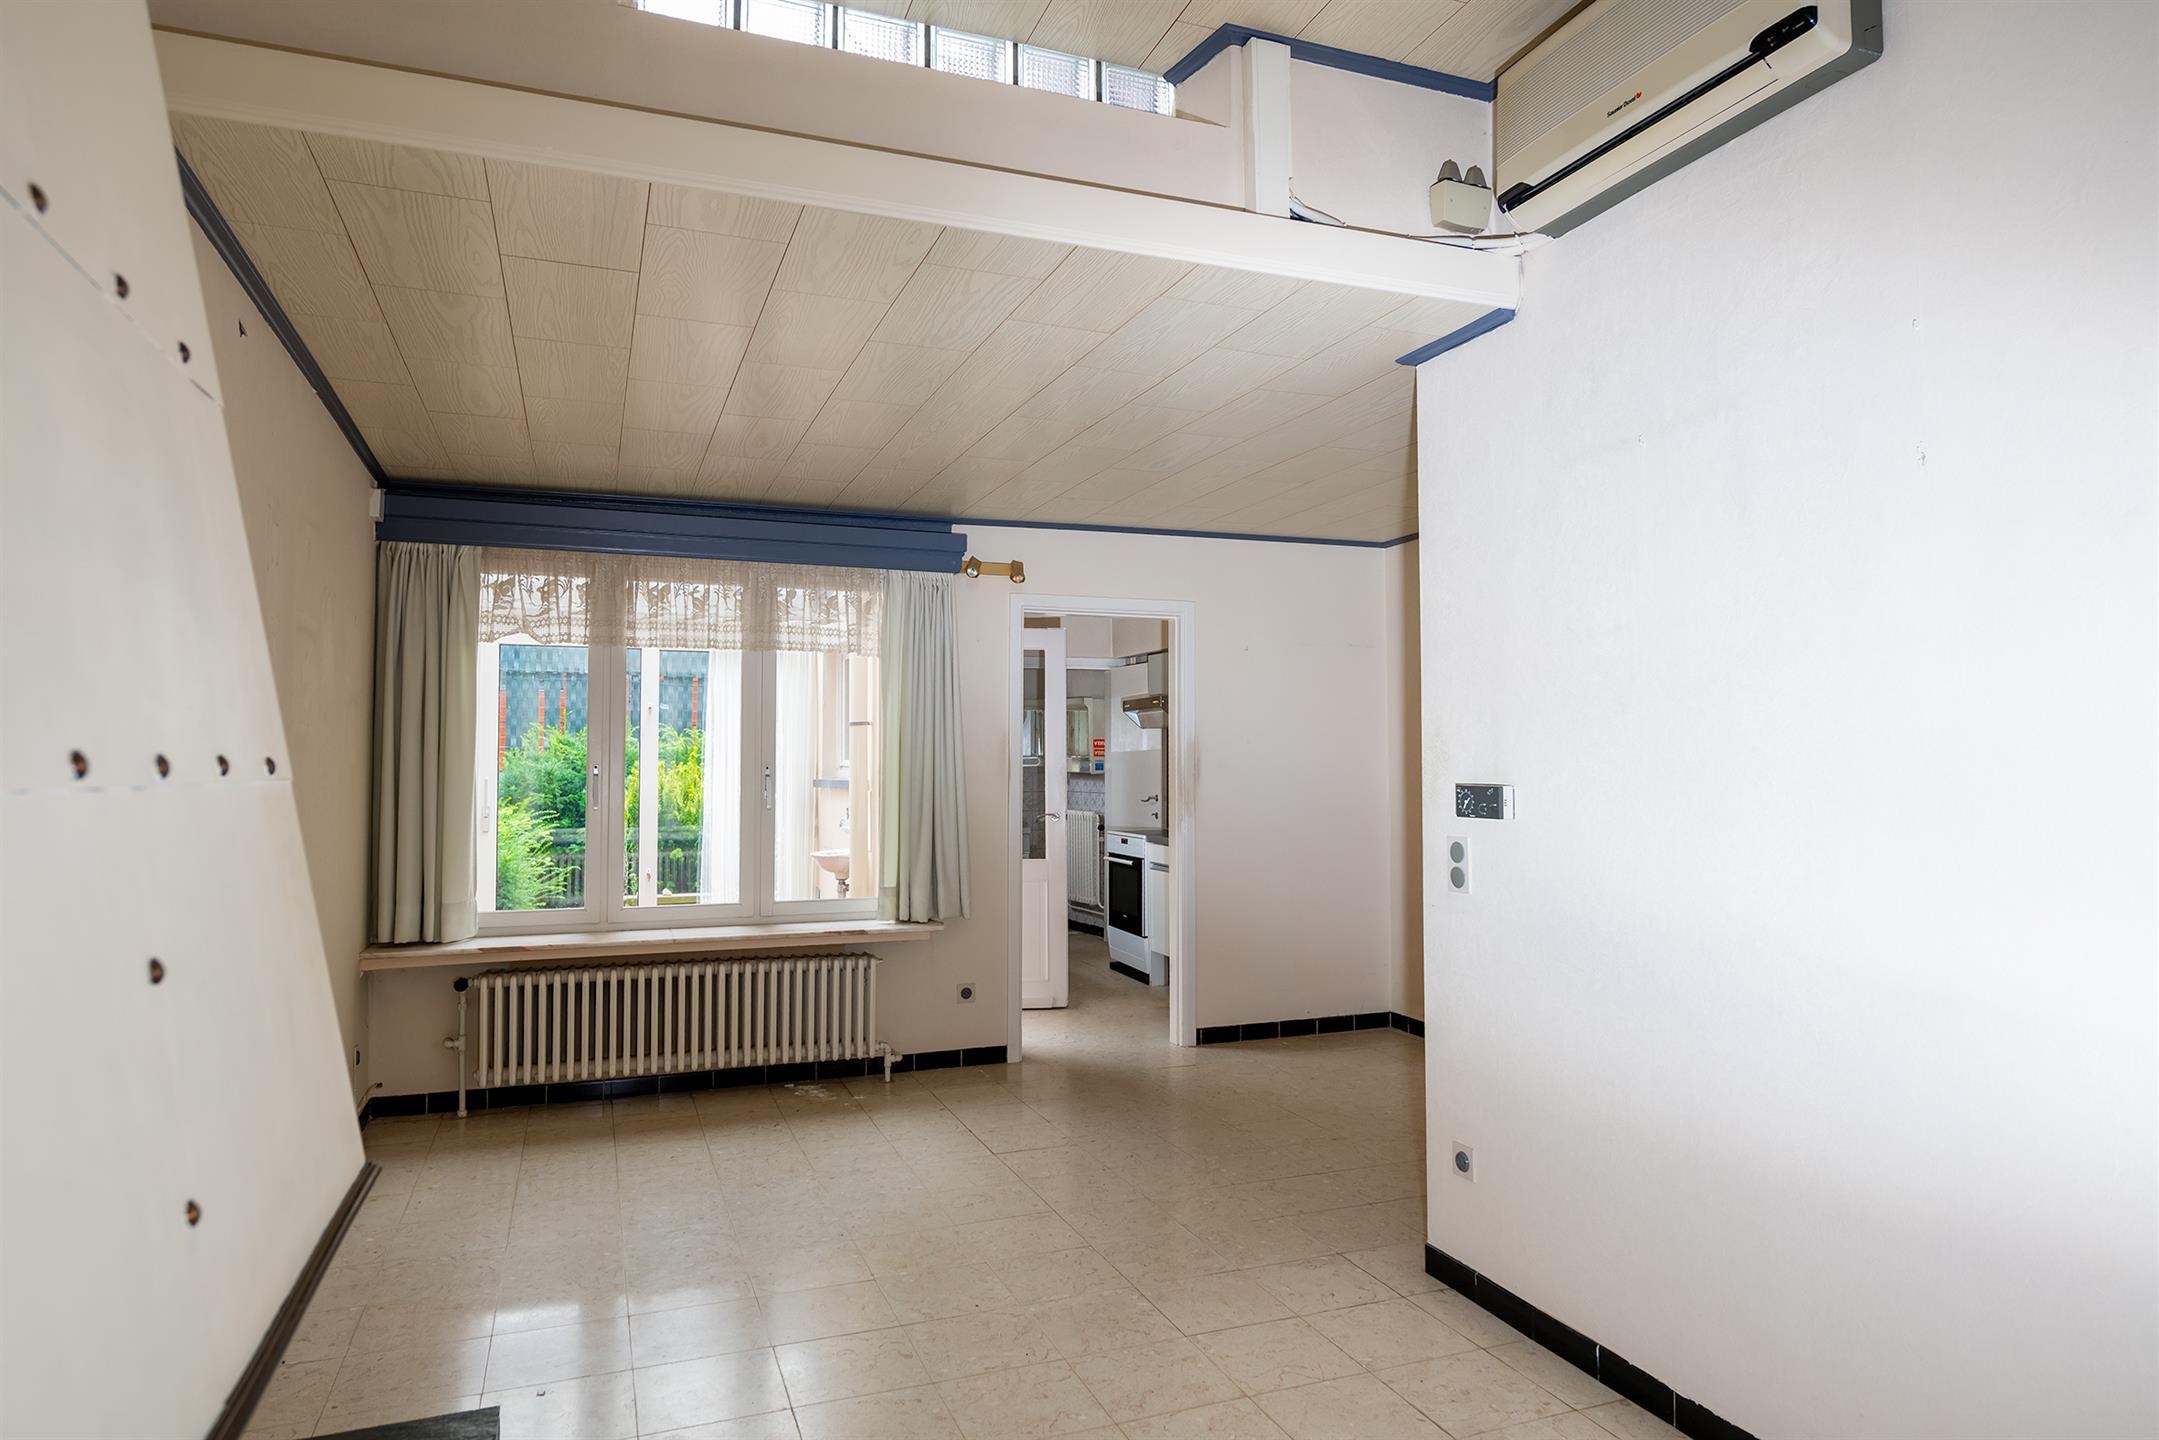 Maison - Mechelen - #4346897-4